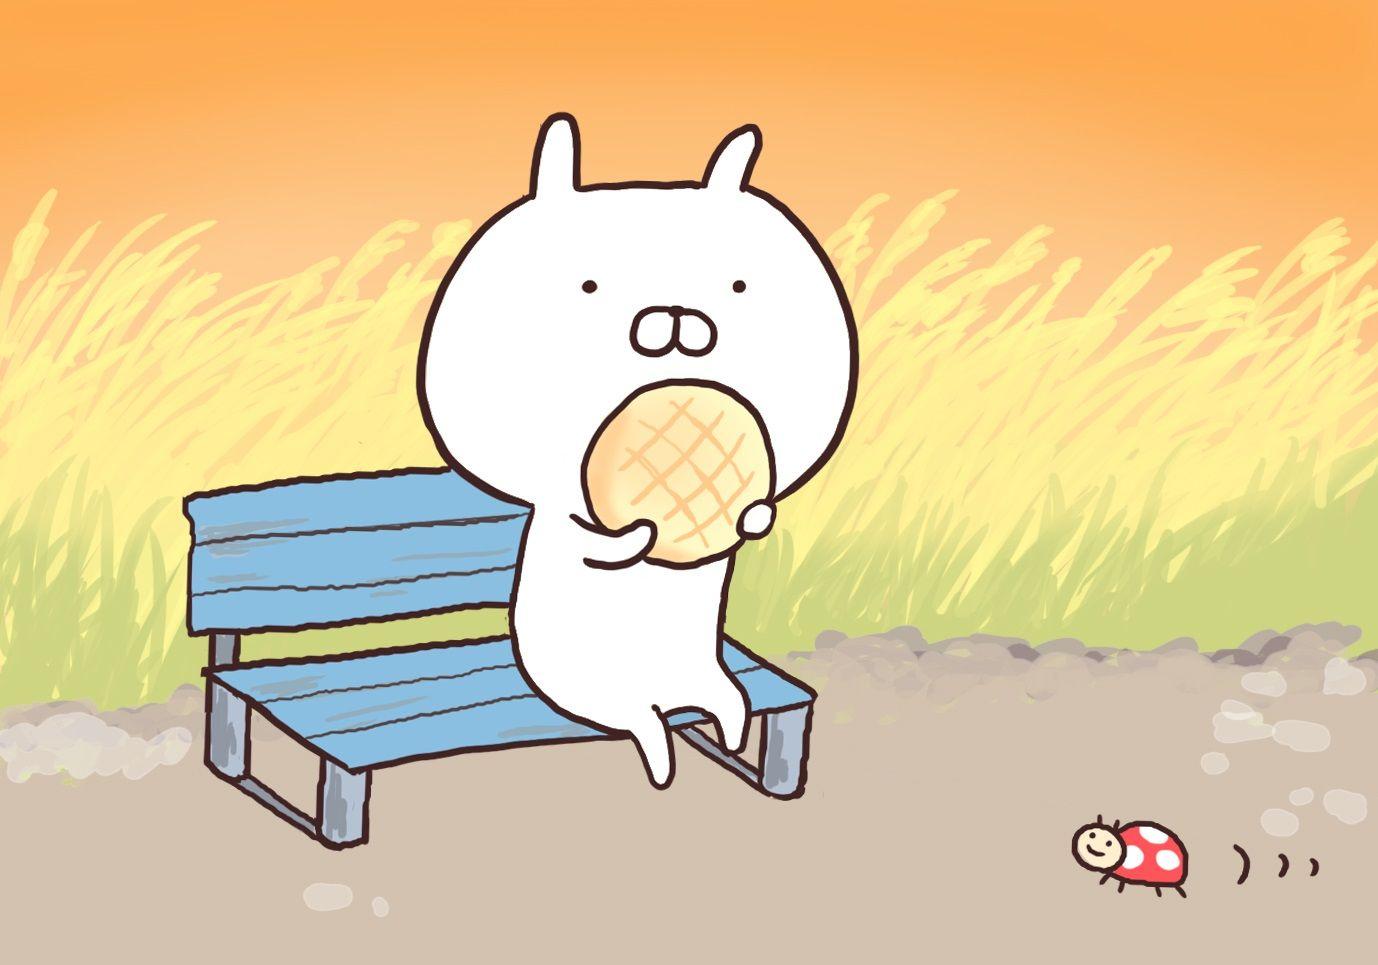 うさまる Sakumaru 本 楽天ブックス